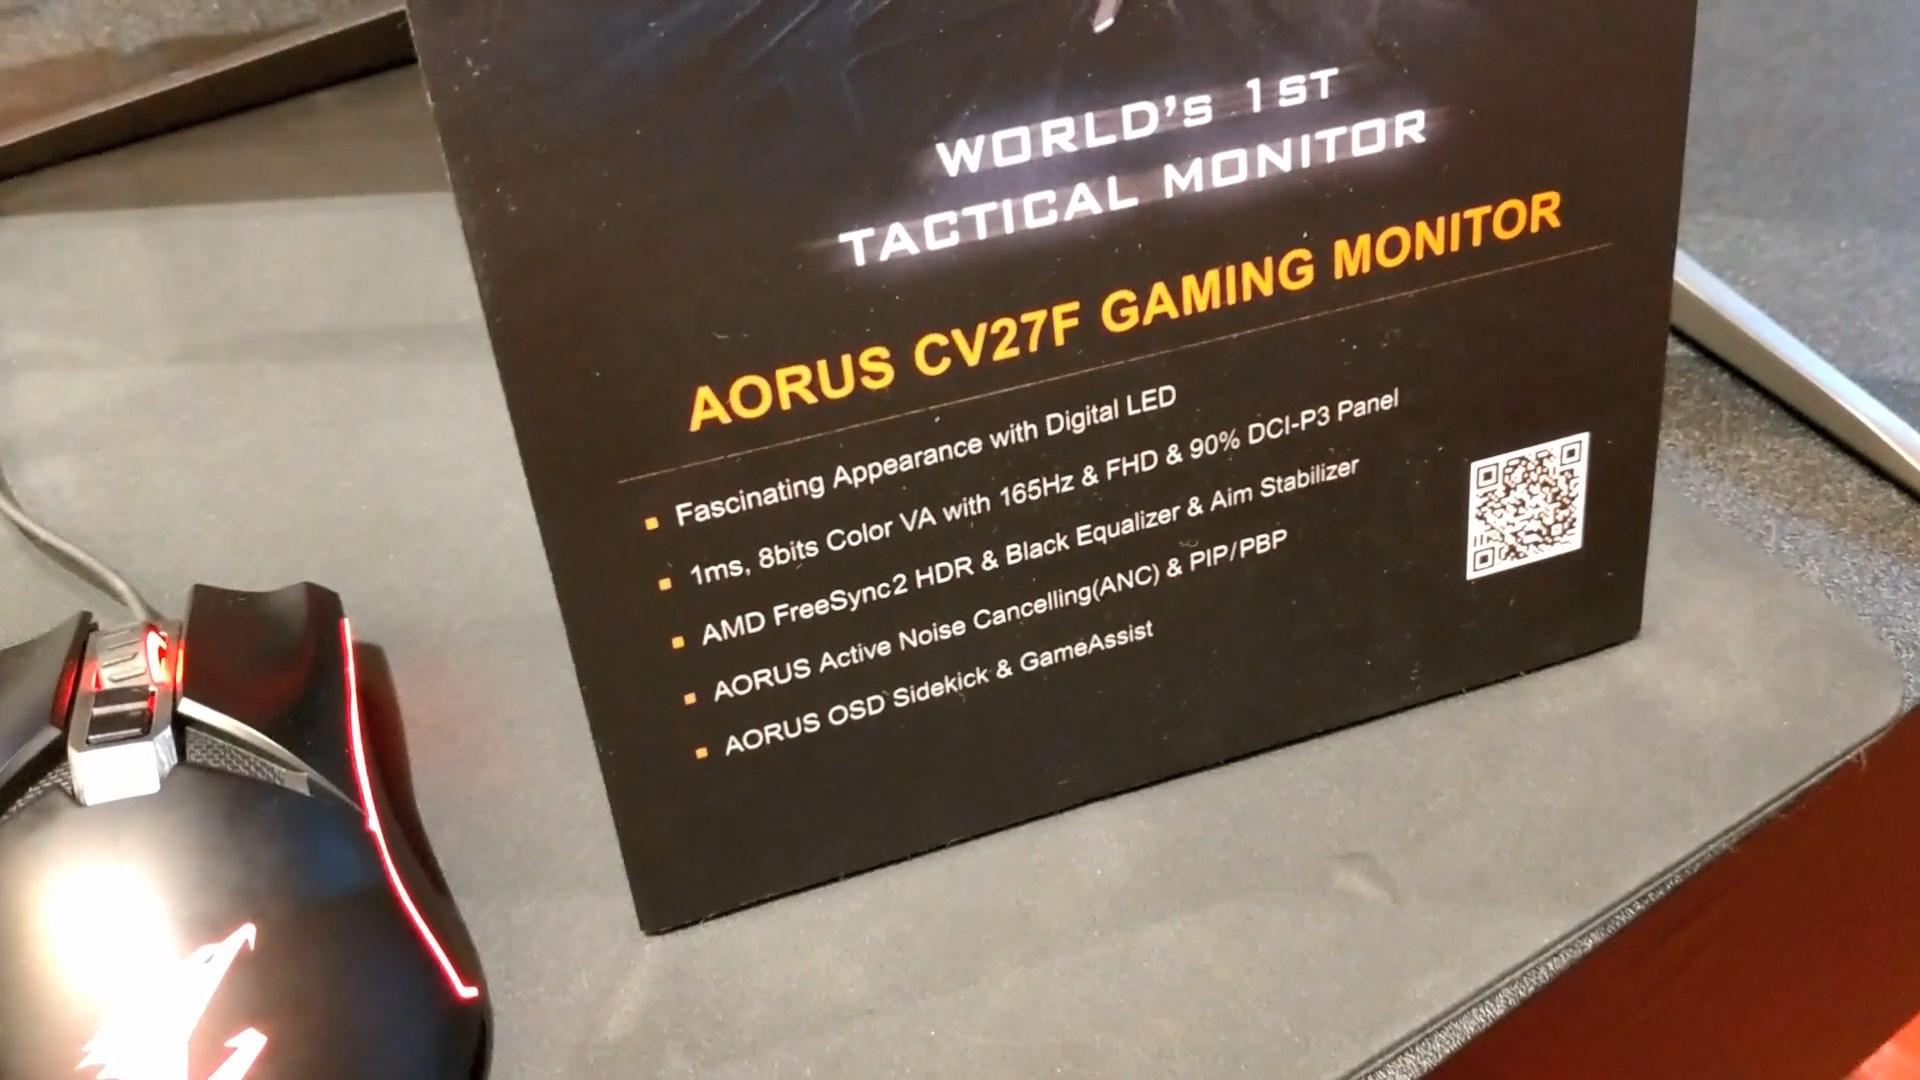 AORUS Introduces New CV27F and KD25F Gaming Monitors at Computex 2019 2